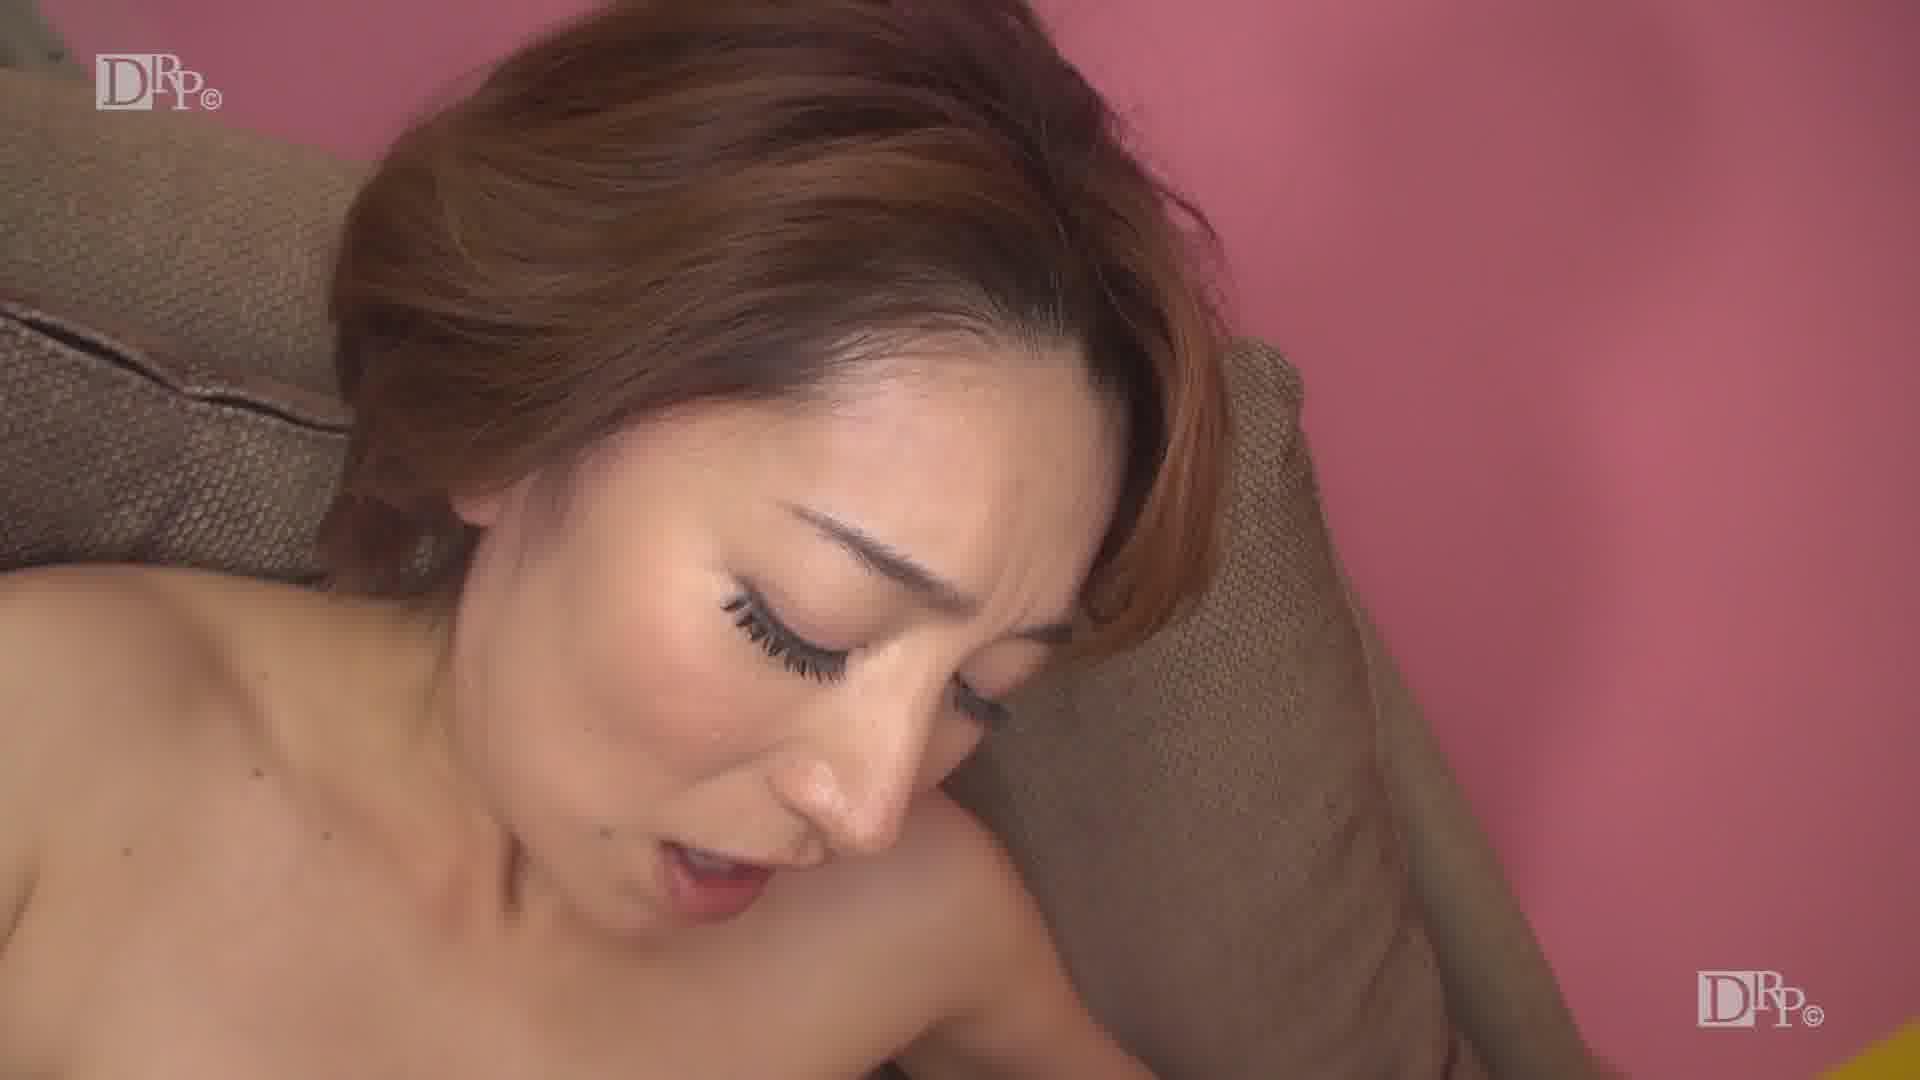 本能剥き出し!美熟女の絶頂立ちセックス - 松本まりな【中出し・クンニ・熟女】